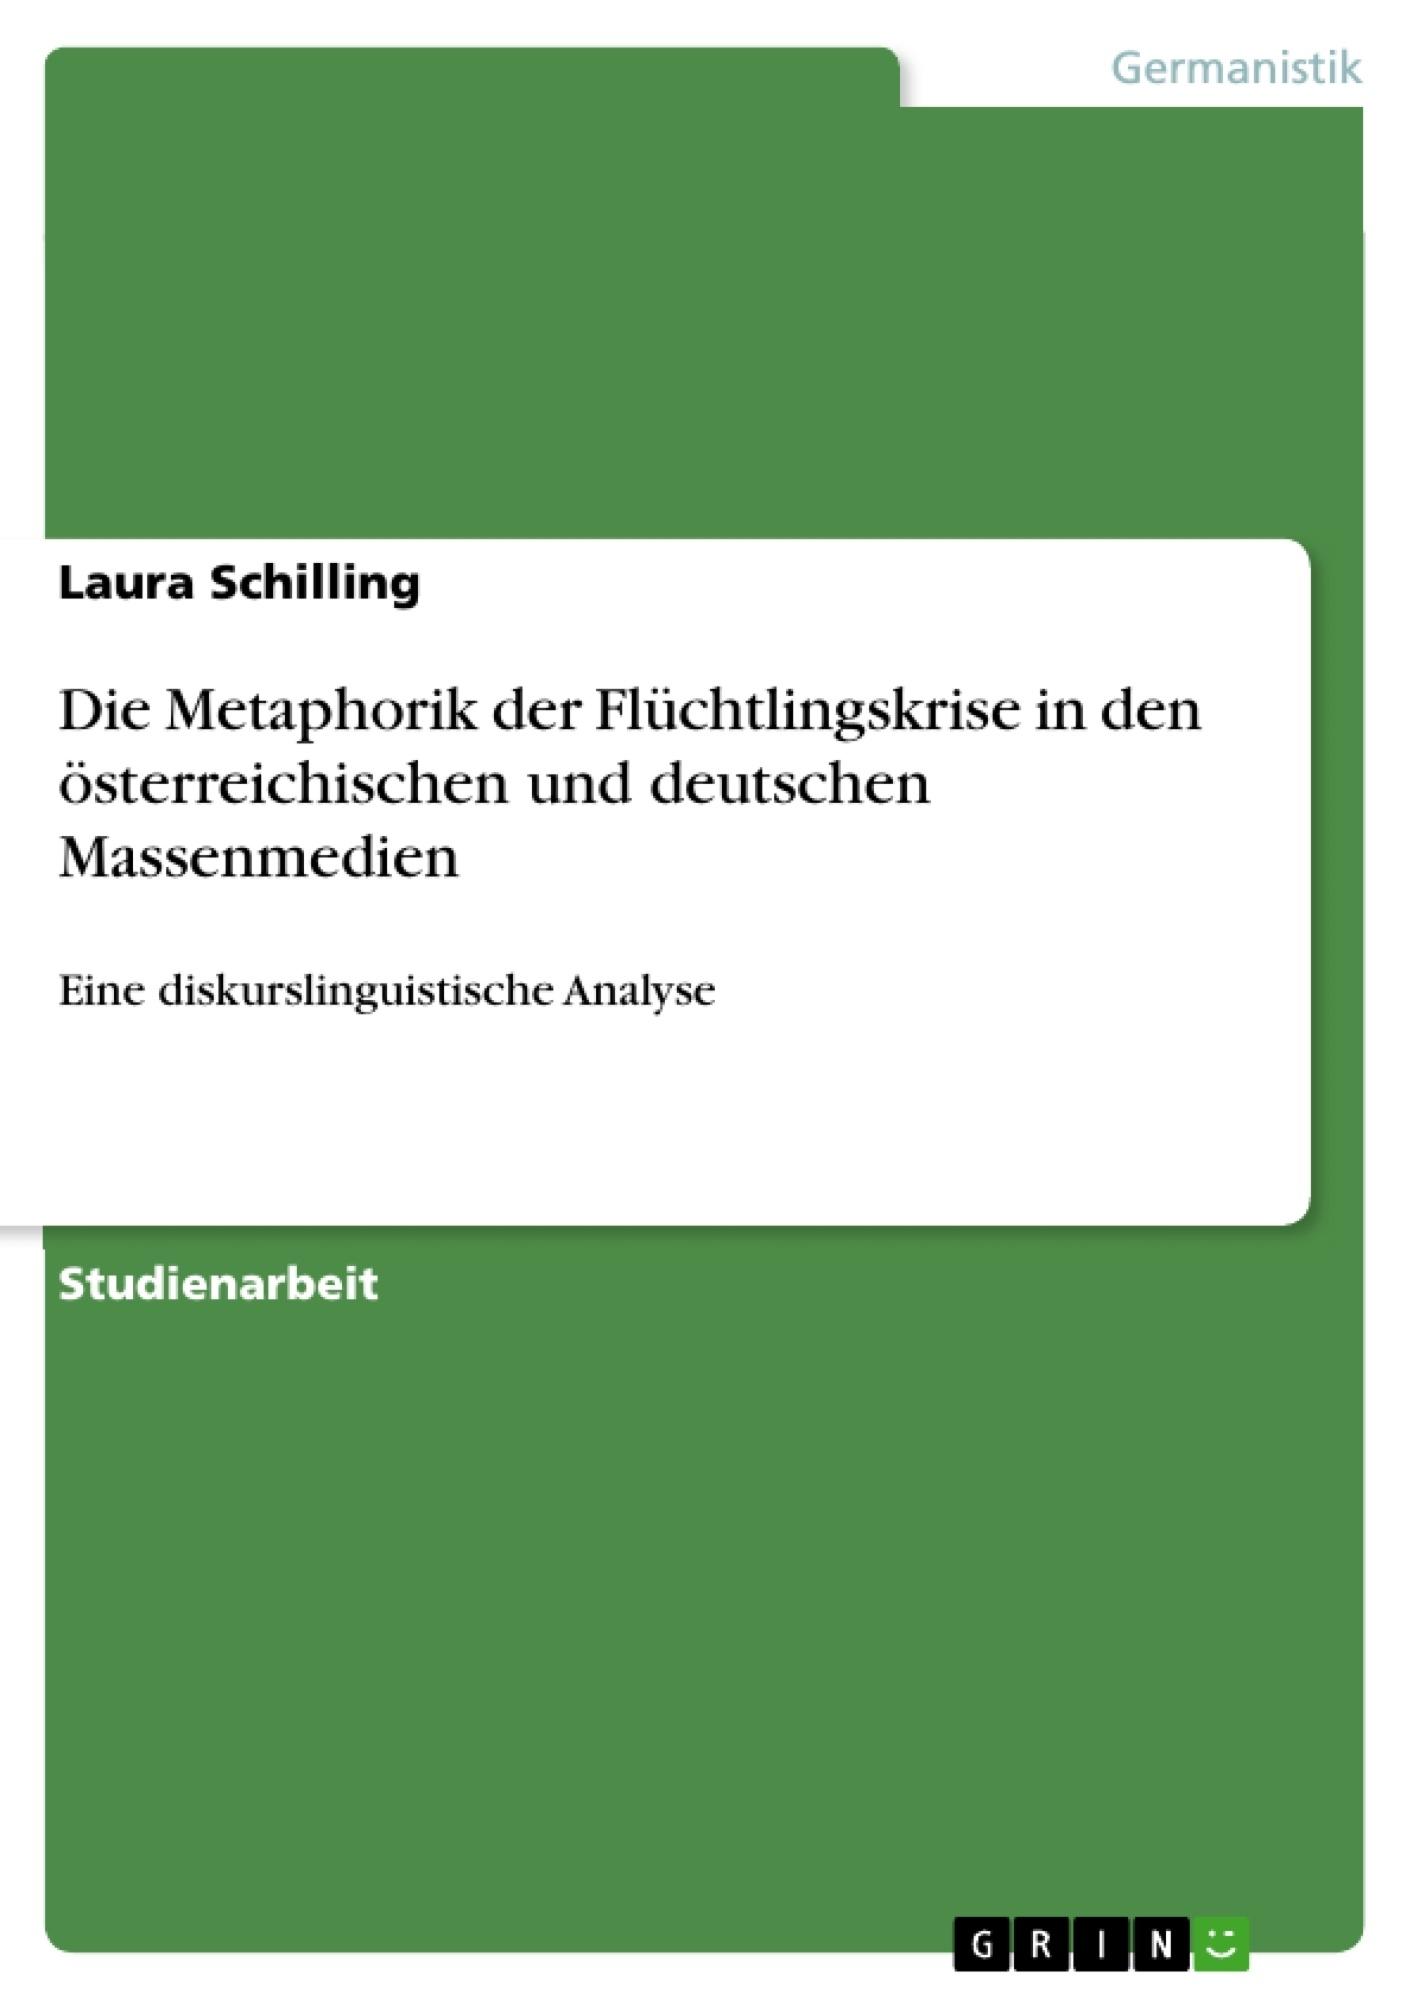 Titel: Die Metaphorik der Flüchtlingskrise in den österreichischen und deutschen Massenmedien